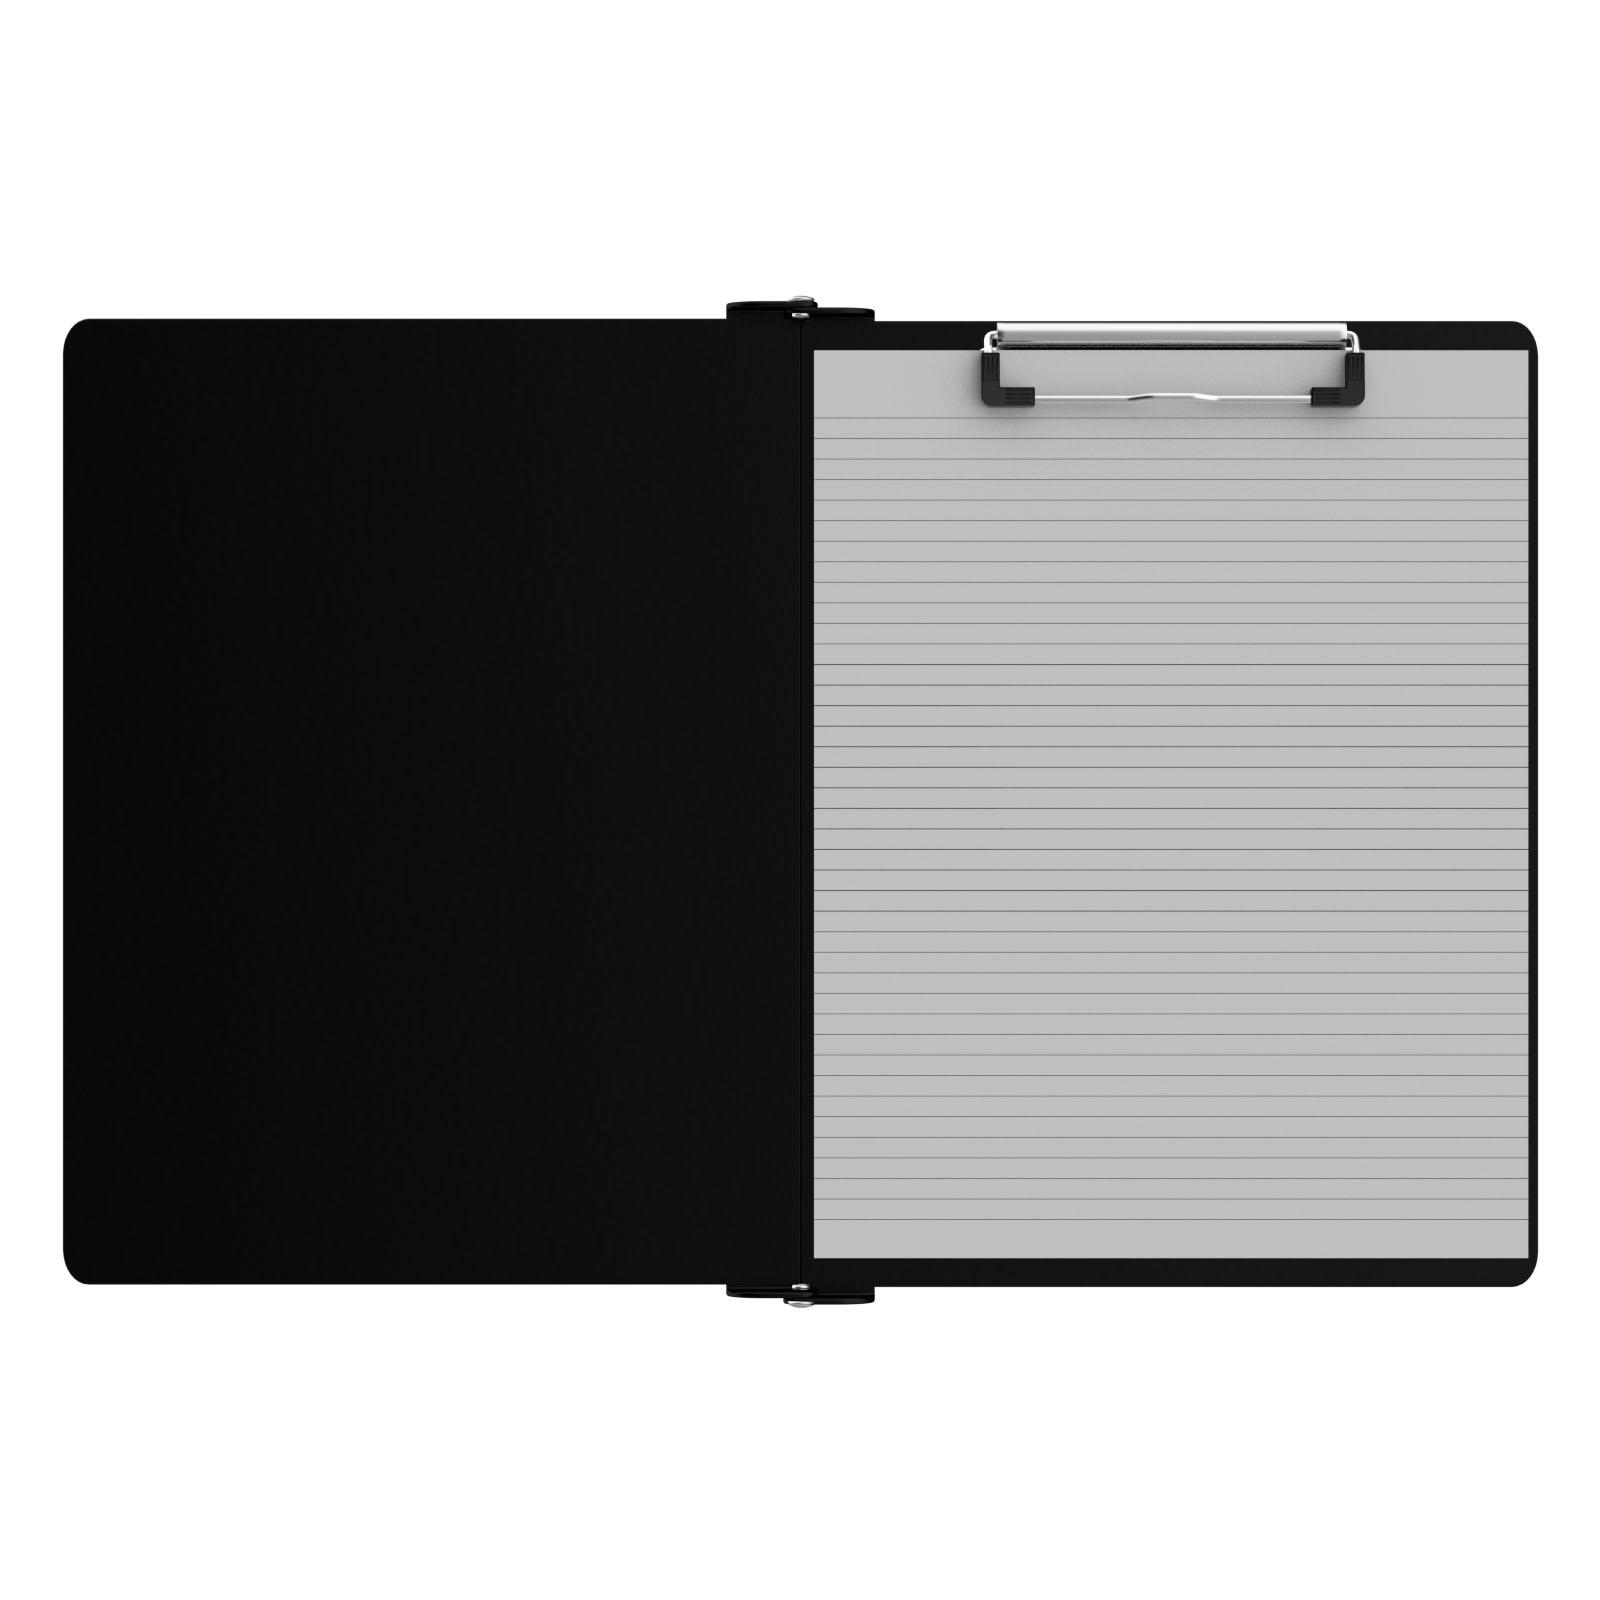 Ledger Plate Rivets : Right folding ledger iso clipboard black